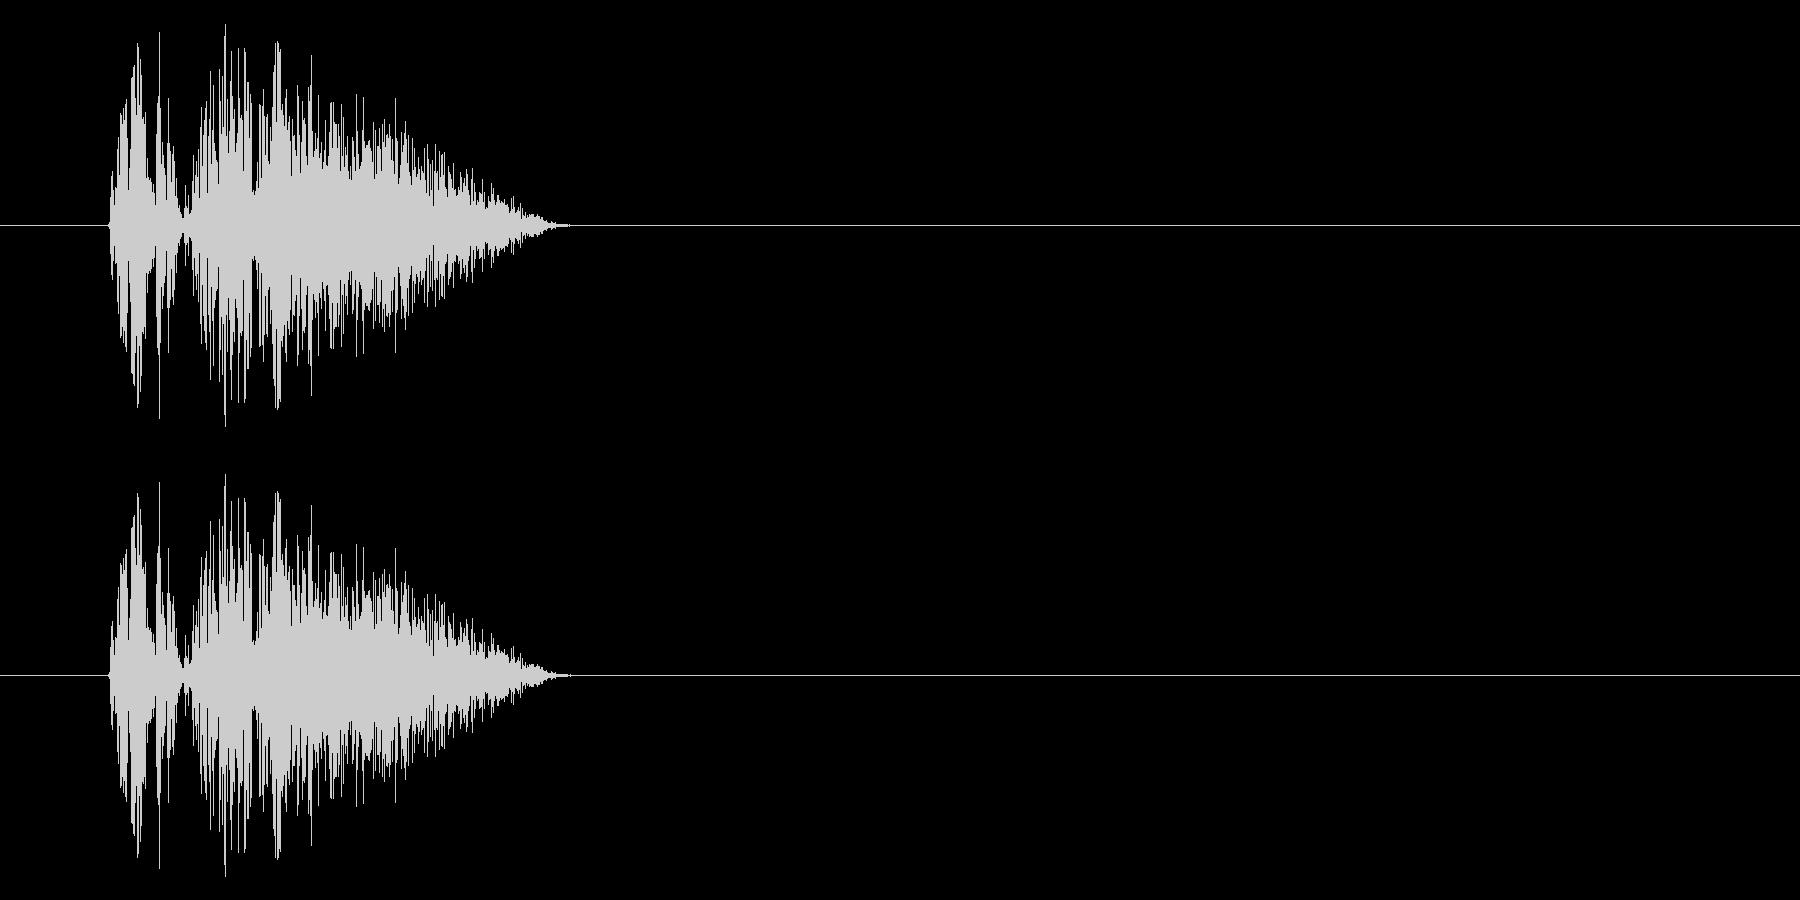 GEN-格闘01-03(ヒット)の未再生の波形